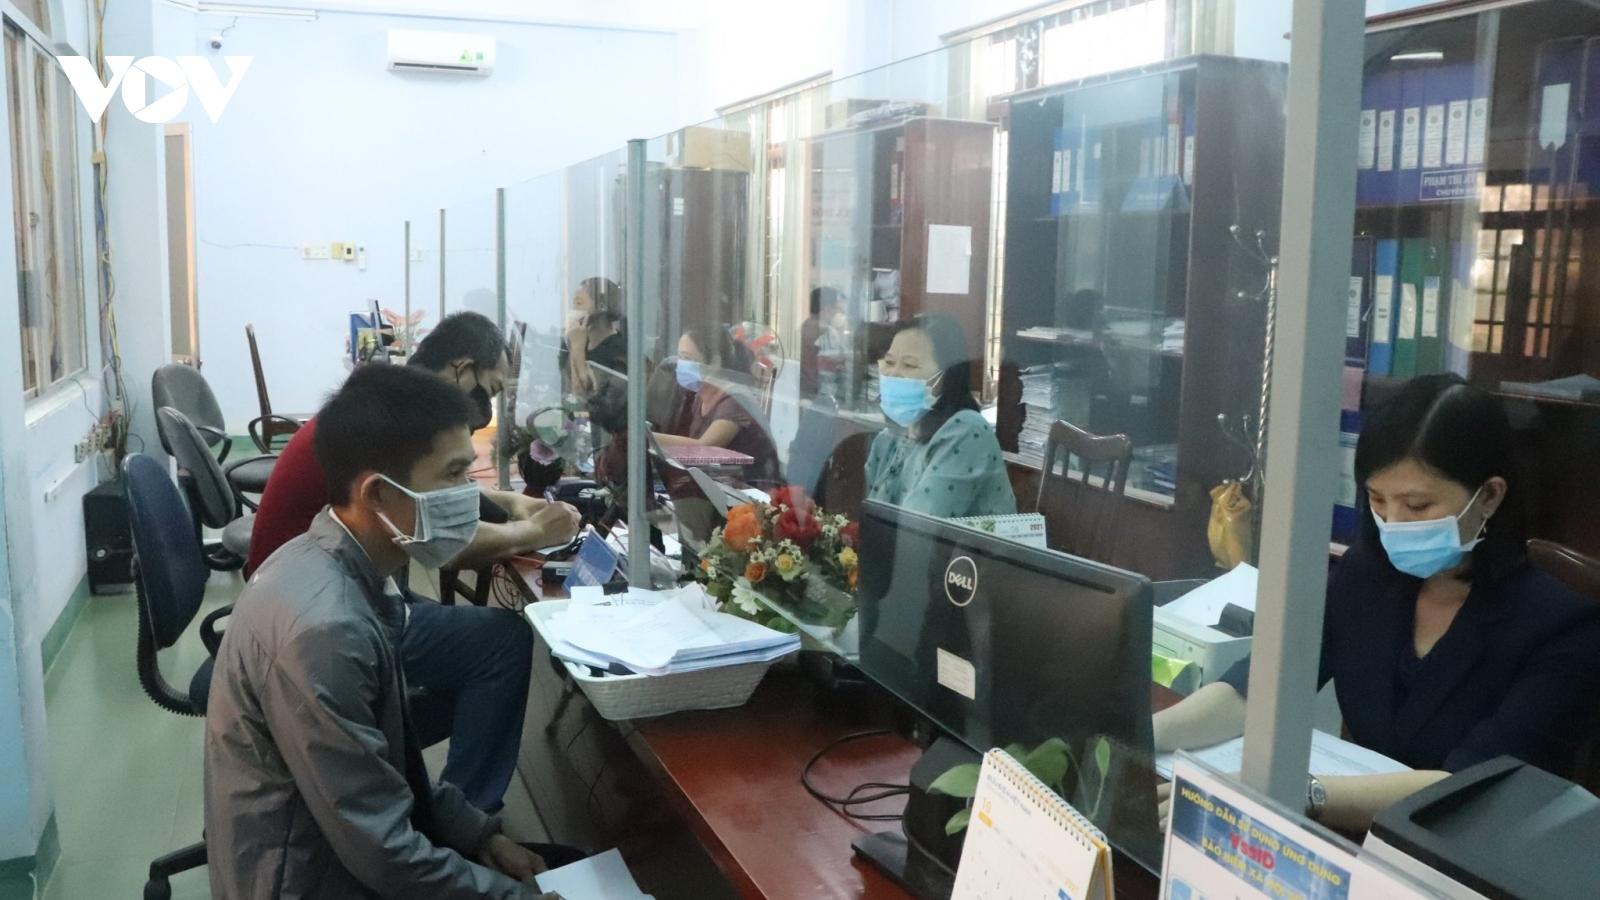 Nhanh chóng hỗ trợ doanh nghiệp và người lao động từ Quỹ Bảo hiểm thất nghiệp